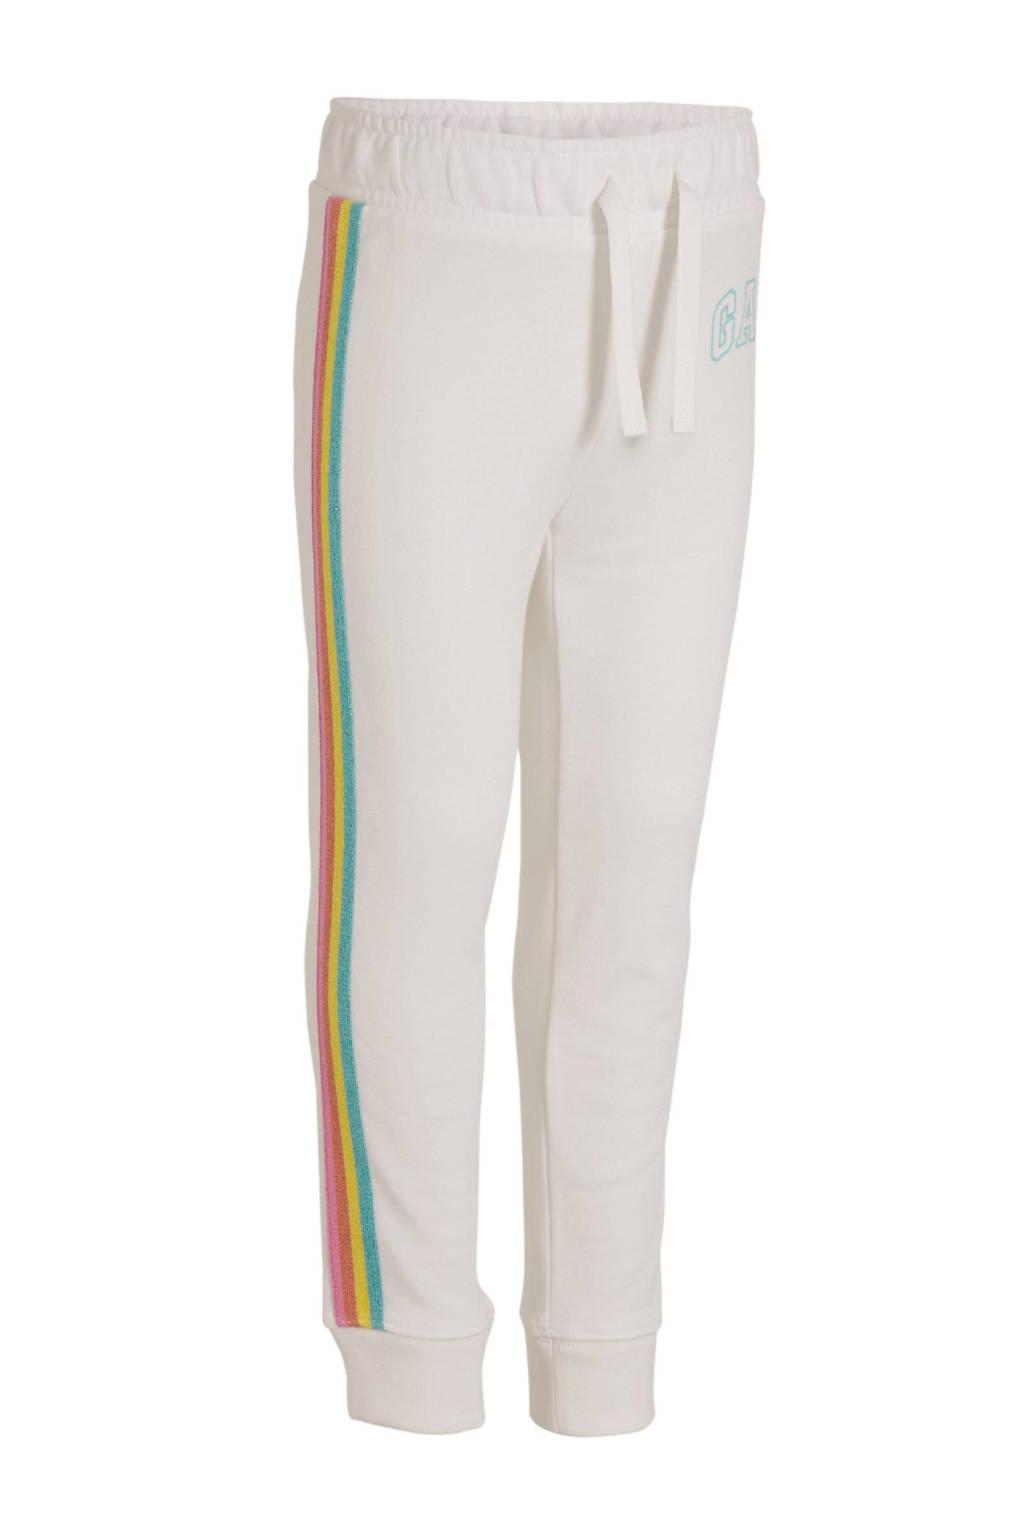 GAP joggingbroek met zijstreep wit/roze/geel, Wit/roze/geel